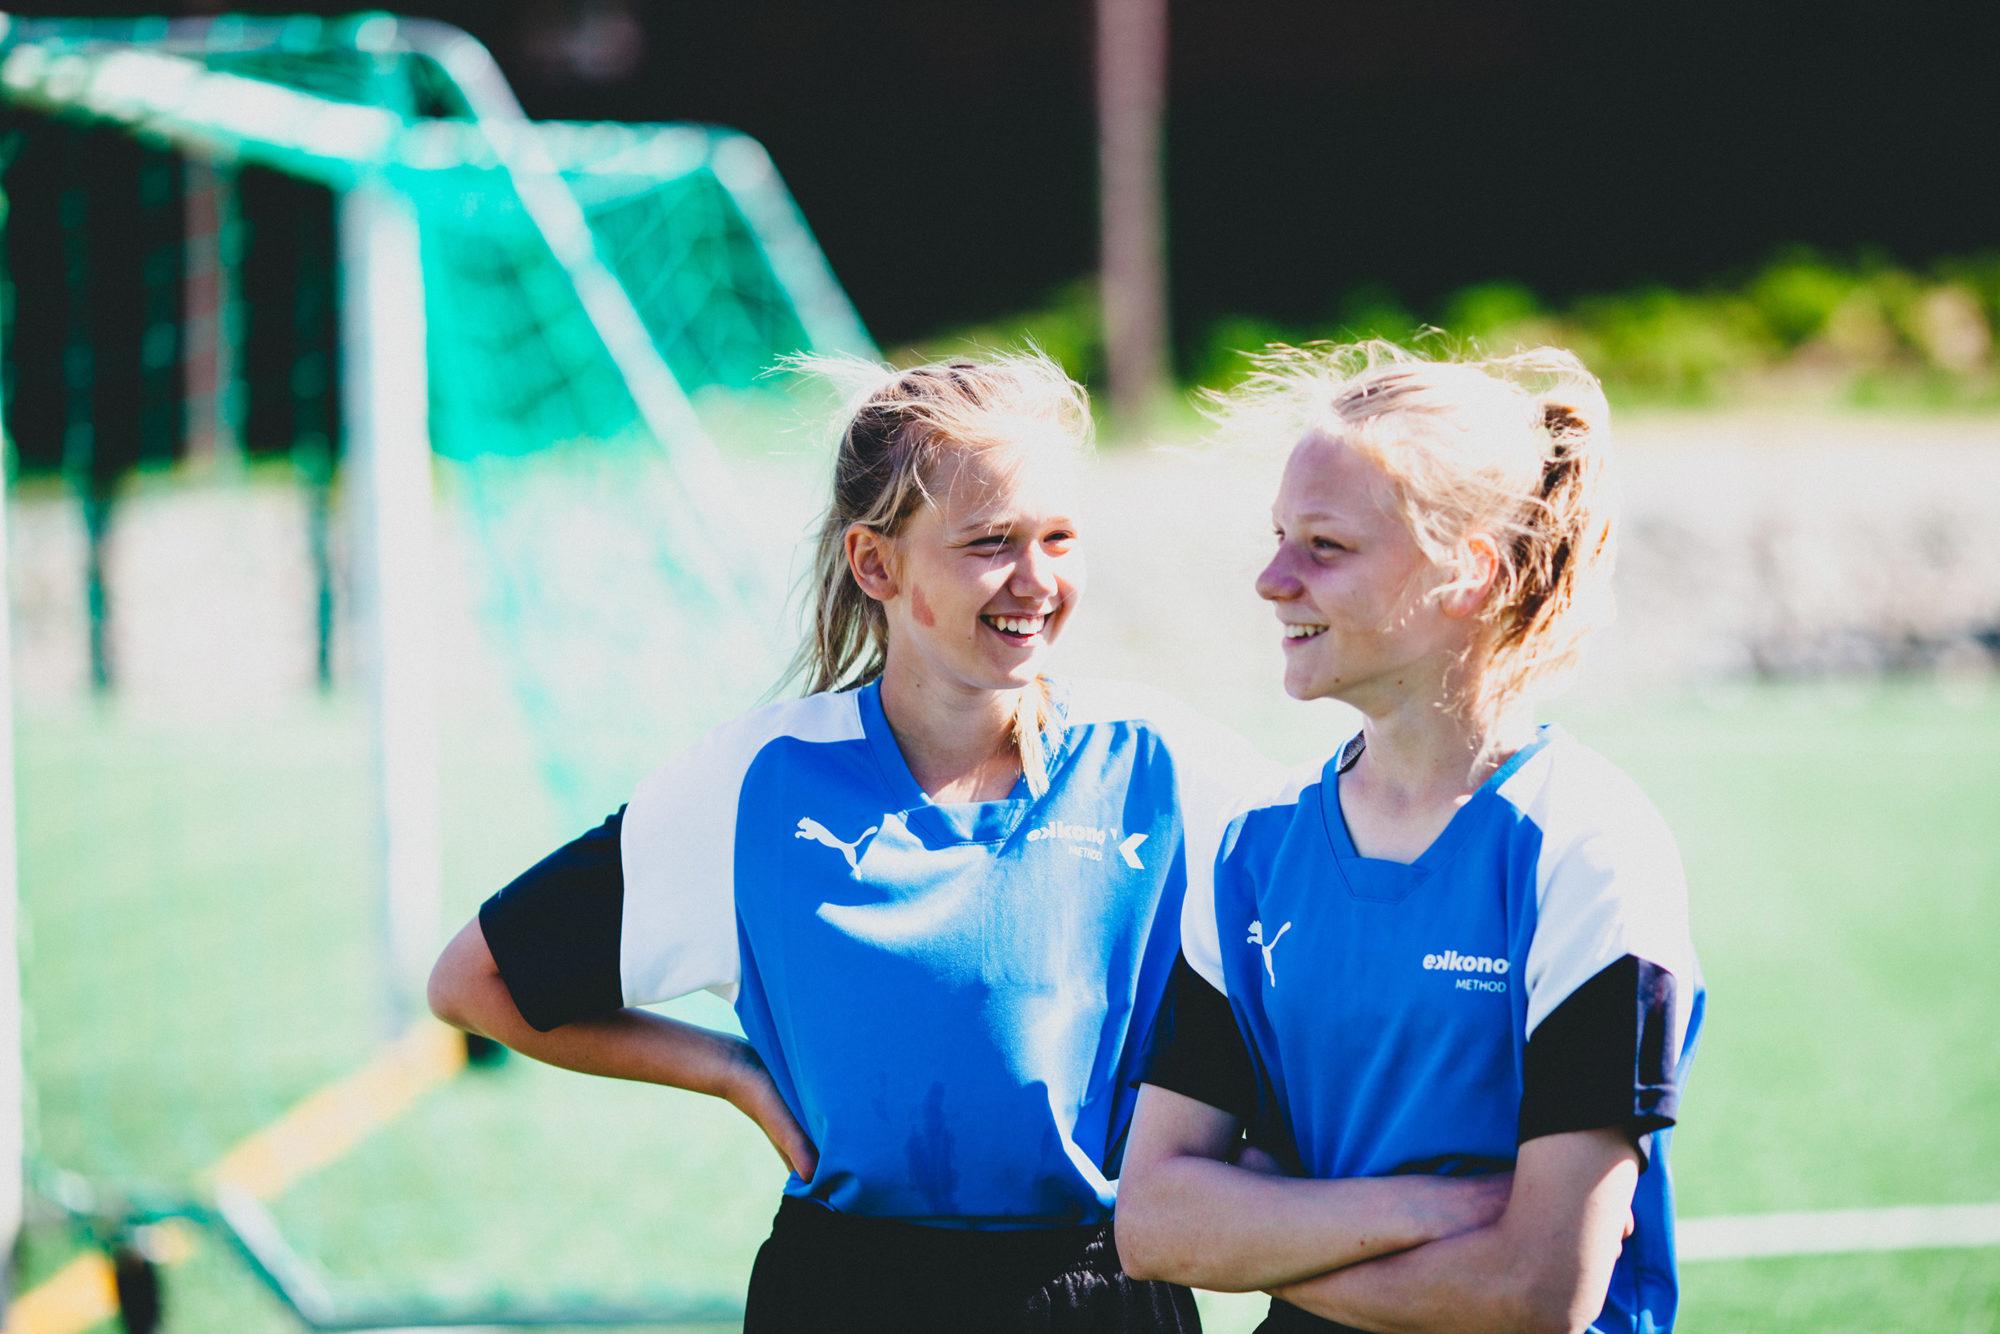 Urheilu-Vanhemmille-isokuva-Eerikkilä